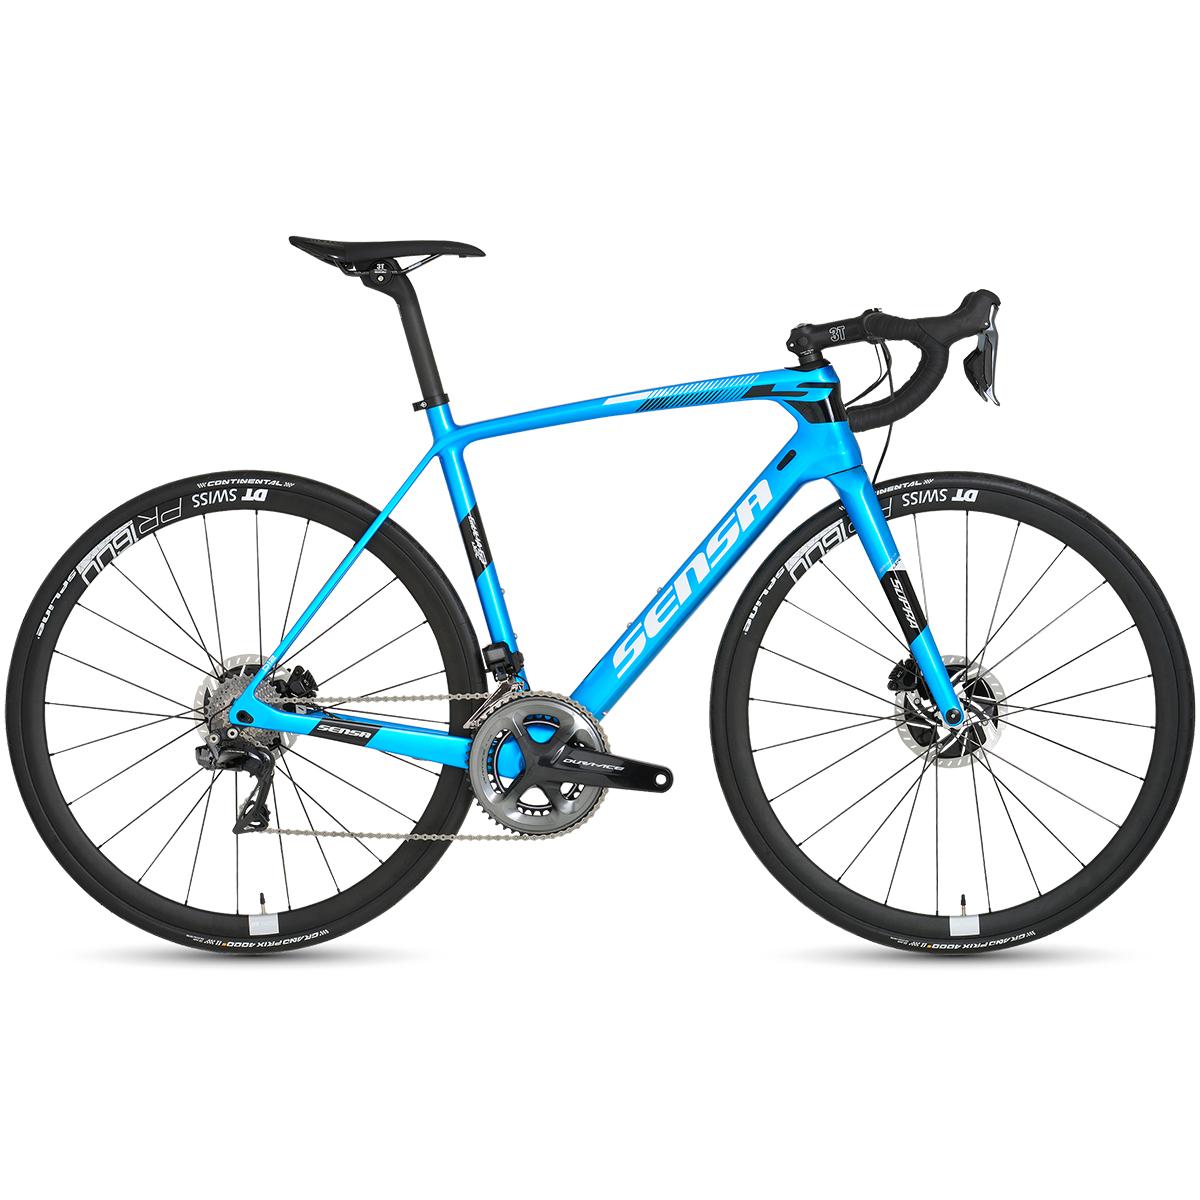 Sensa Giulia G3 Disc Ocean Ultegra Di2 Road Bike - 2019